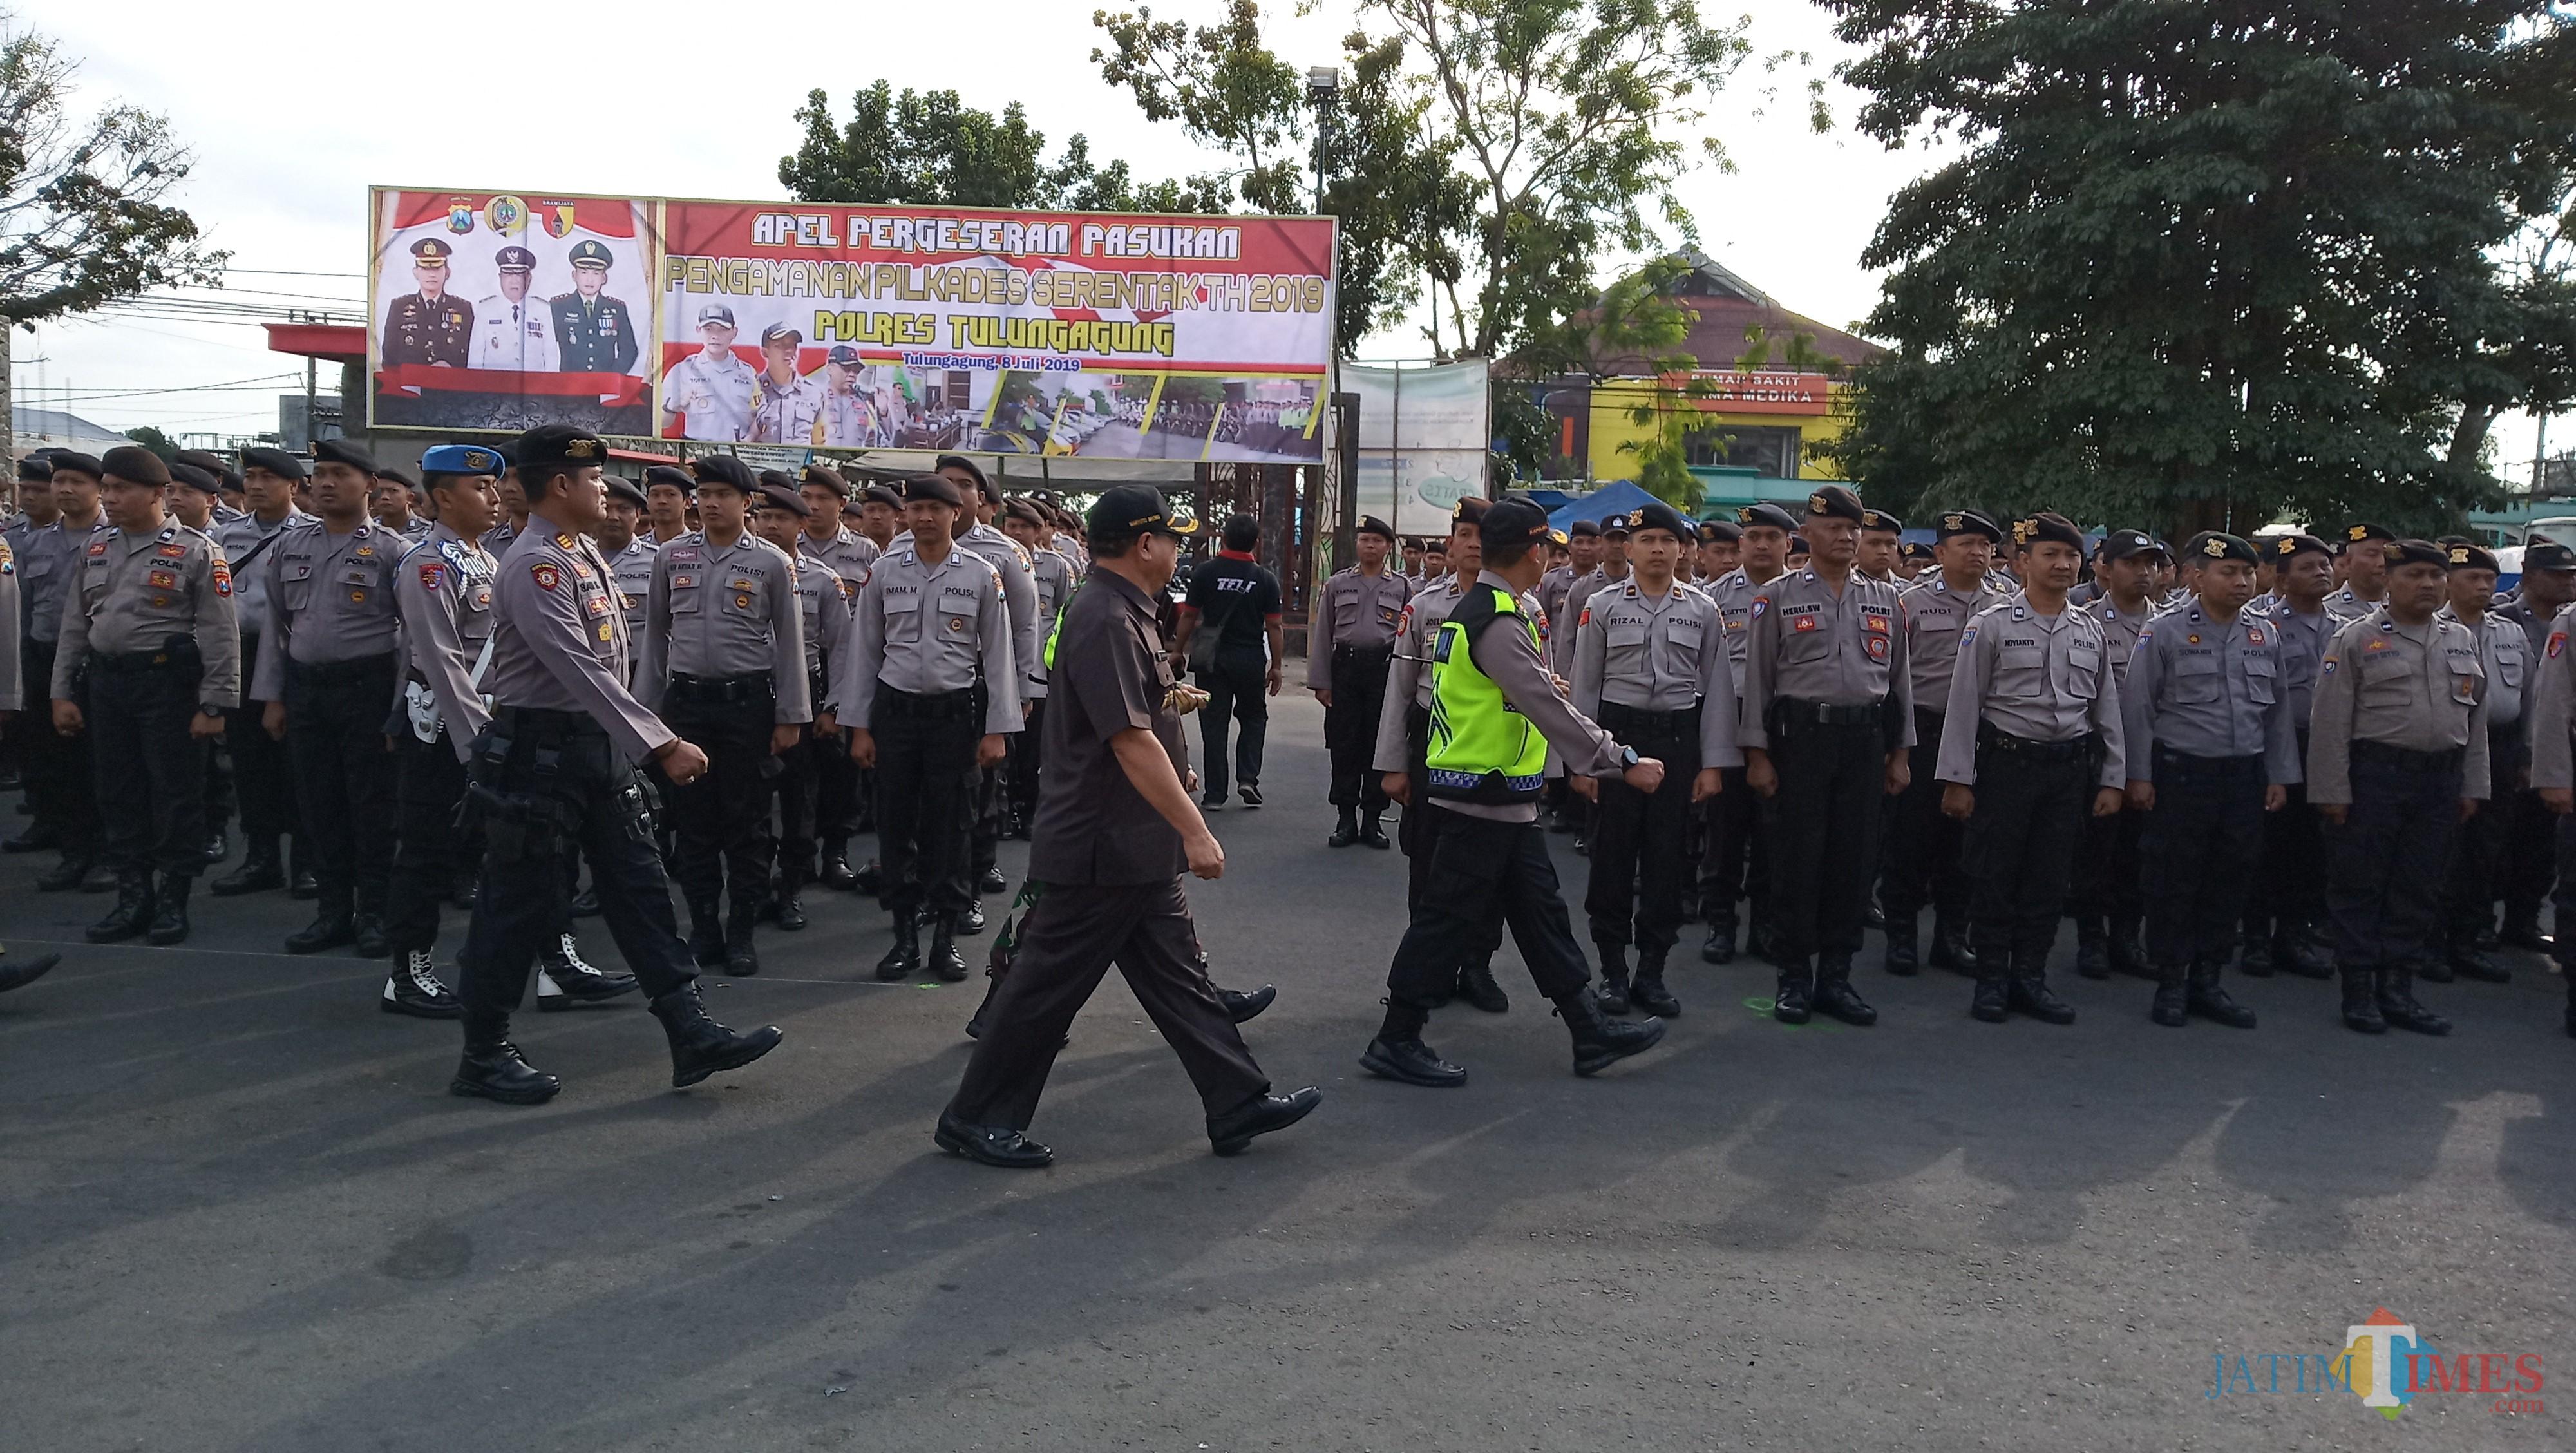 Kapolres,  Plt Bupati dan Dandim memeriksa kesiapan pasukan pengamanan Pilkades (foto : Joko Pramono/JatimTIMES)